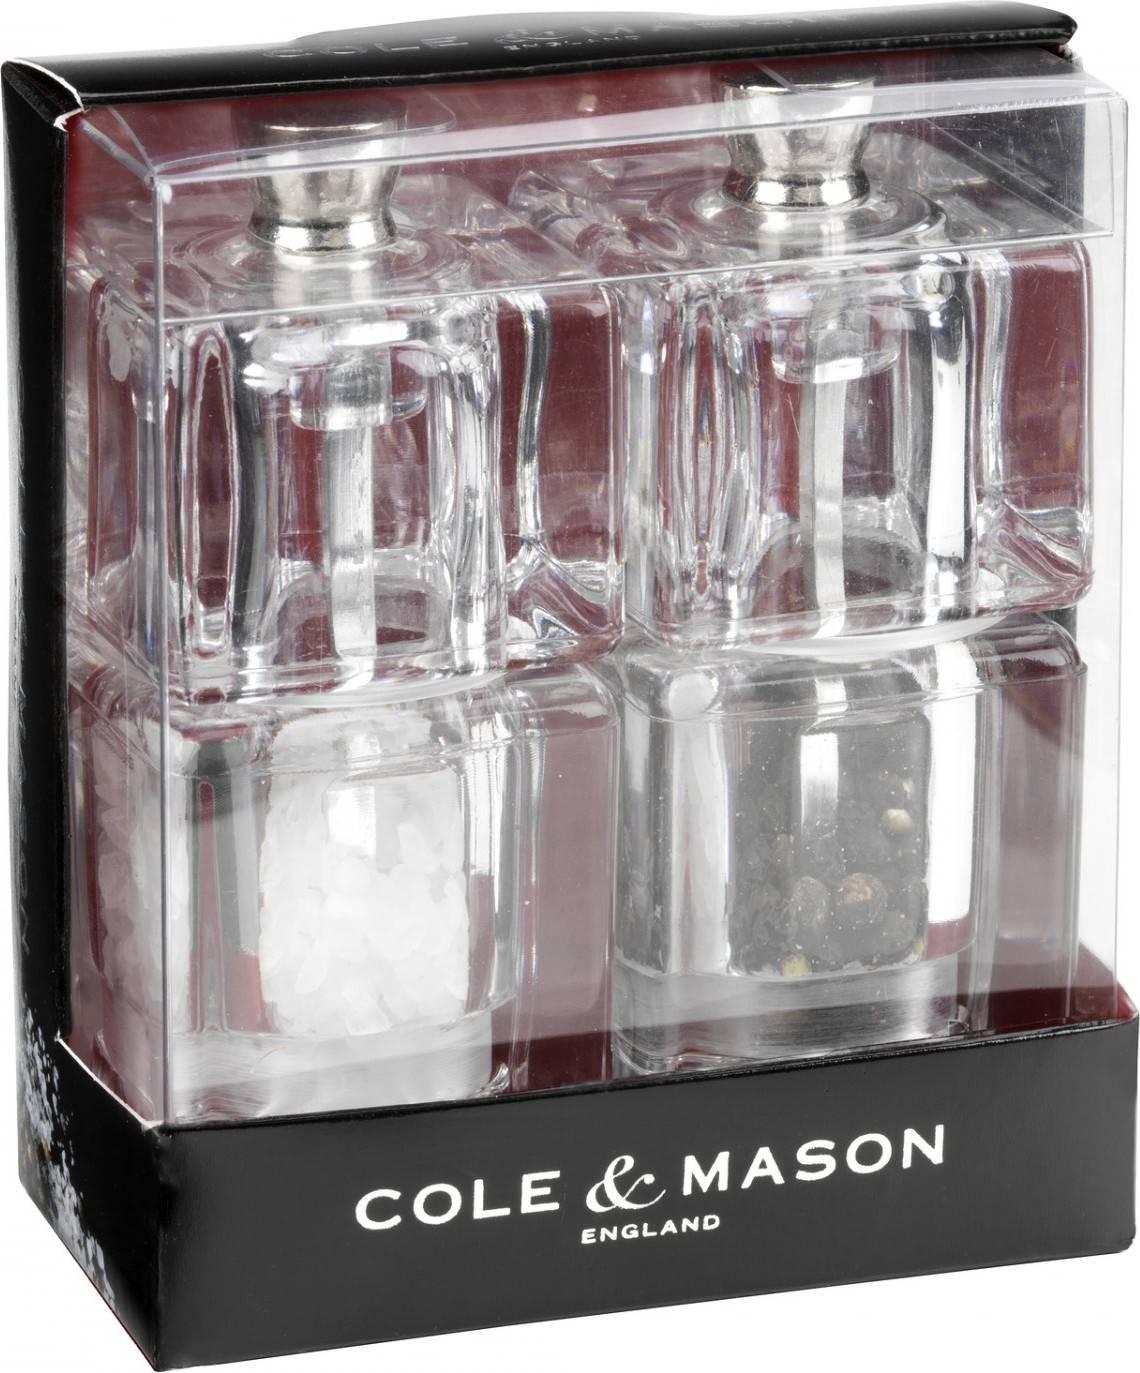 Cole & Mason MINI CUBE dárková sada, mlýnek na pepř a sůl, 90 mm H305418 DKB Household UK Limited